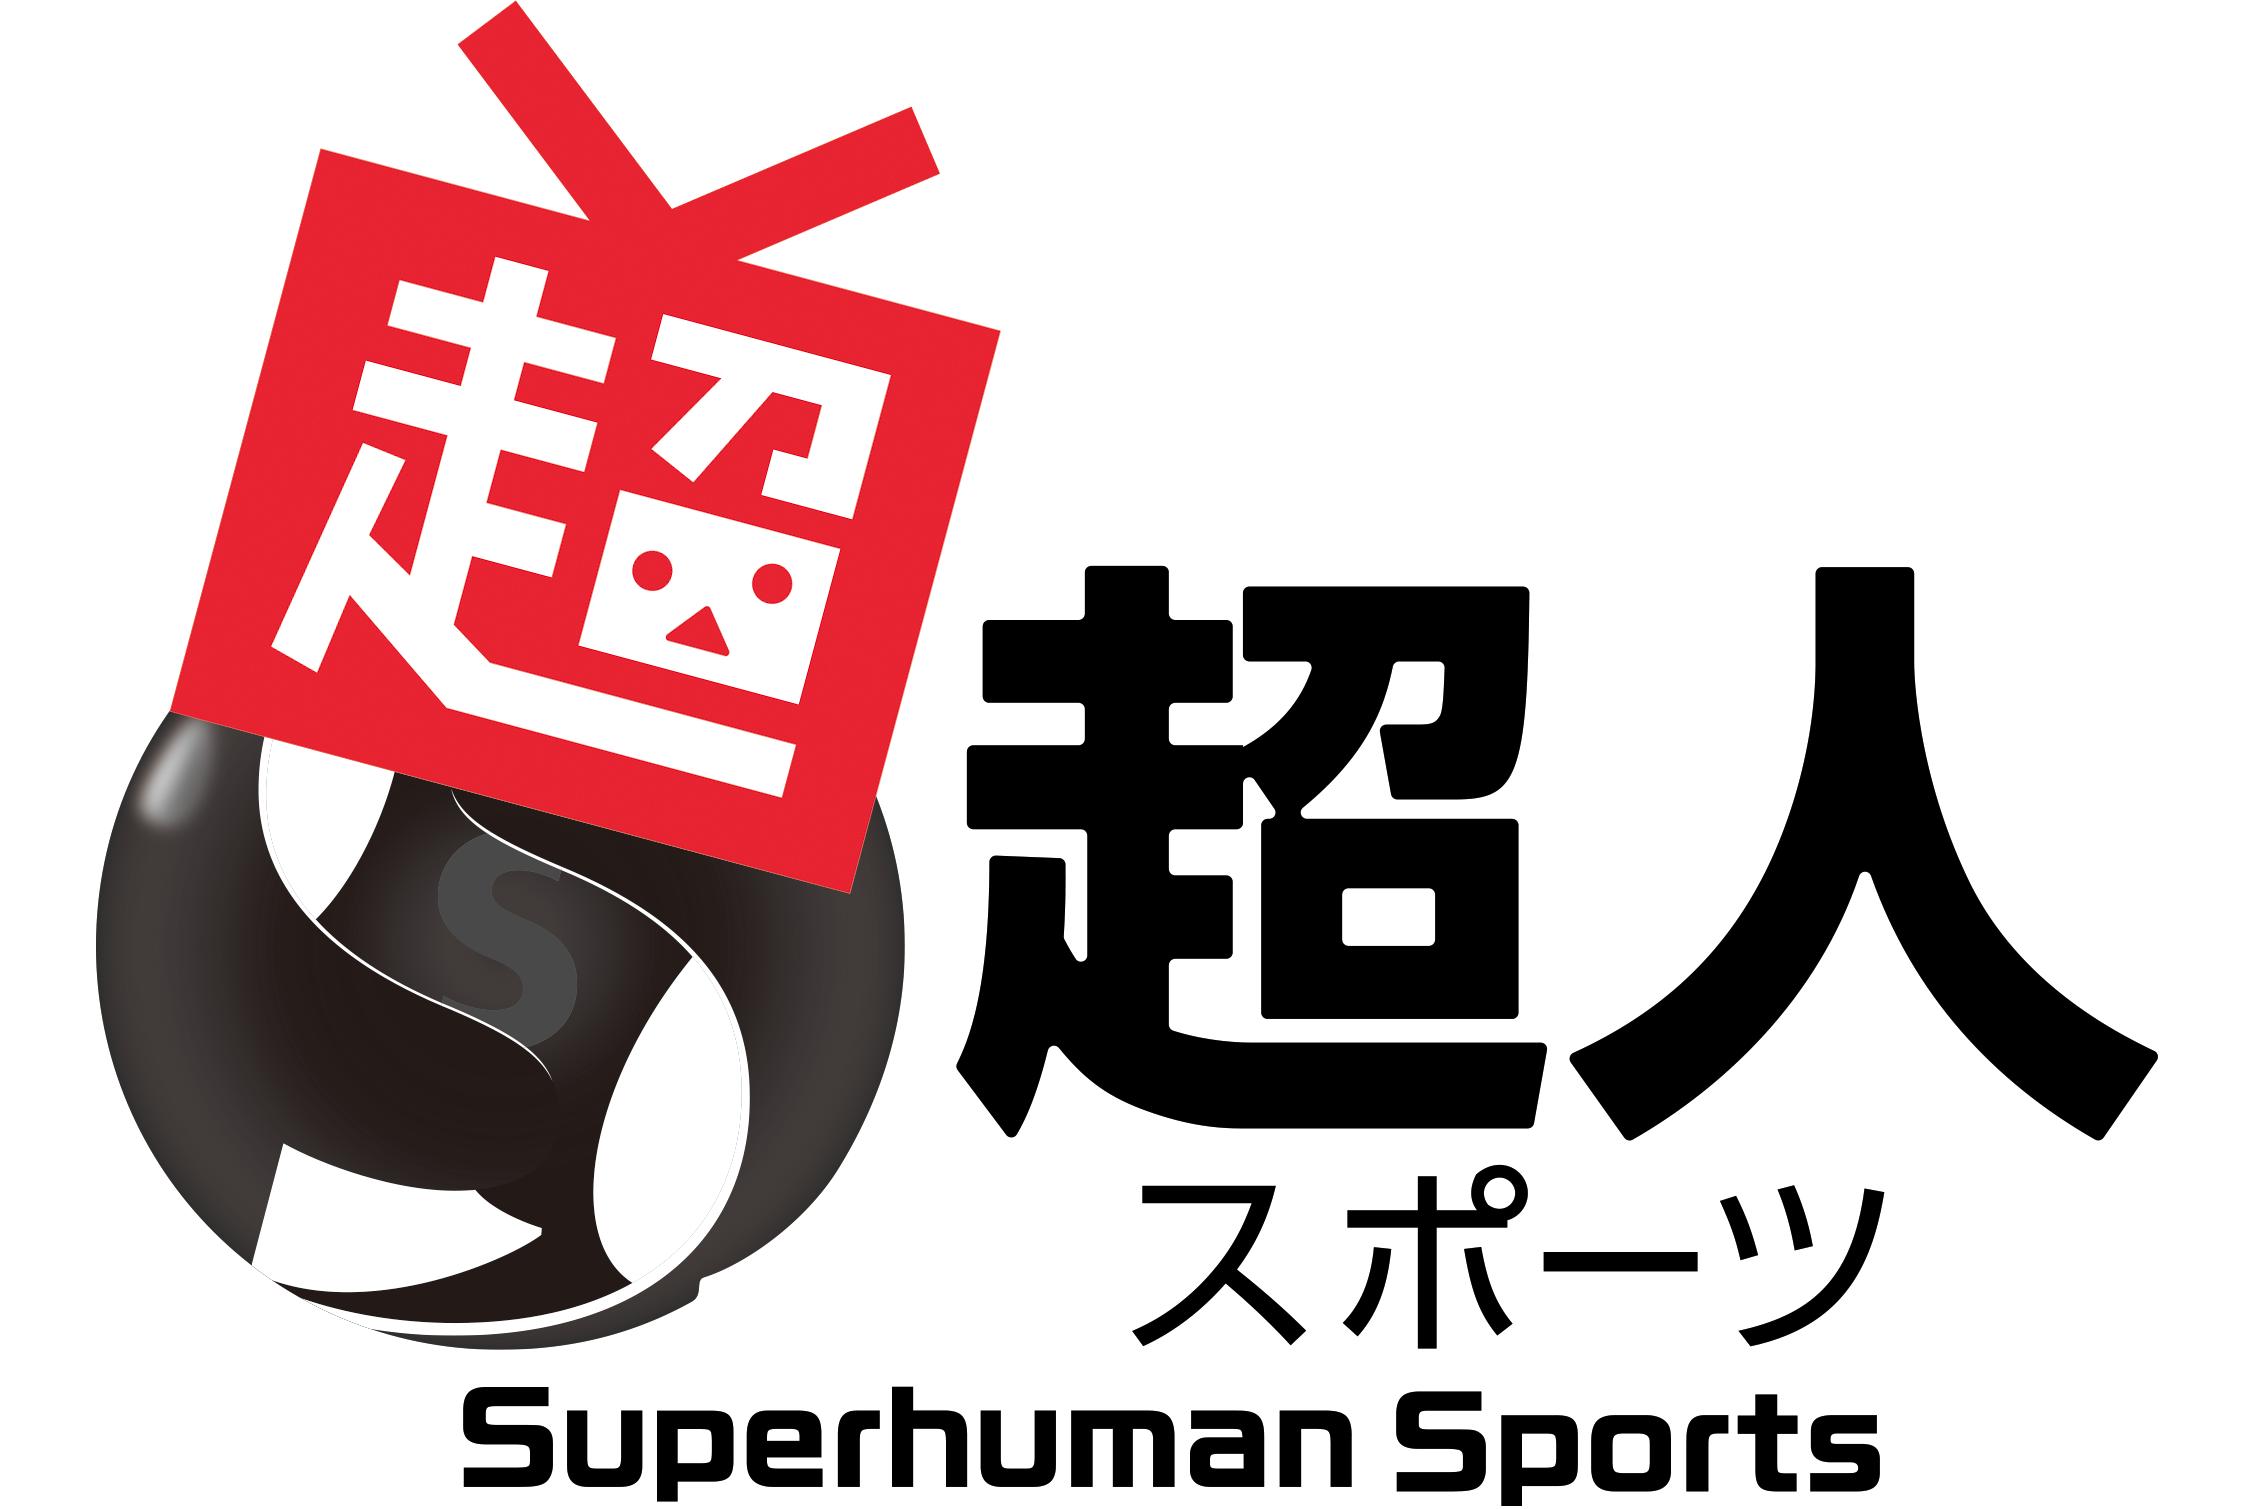 超・超人スポーツ